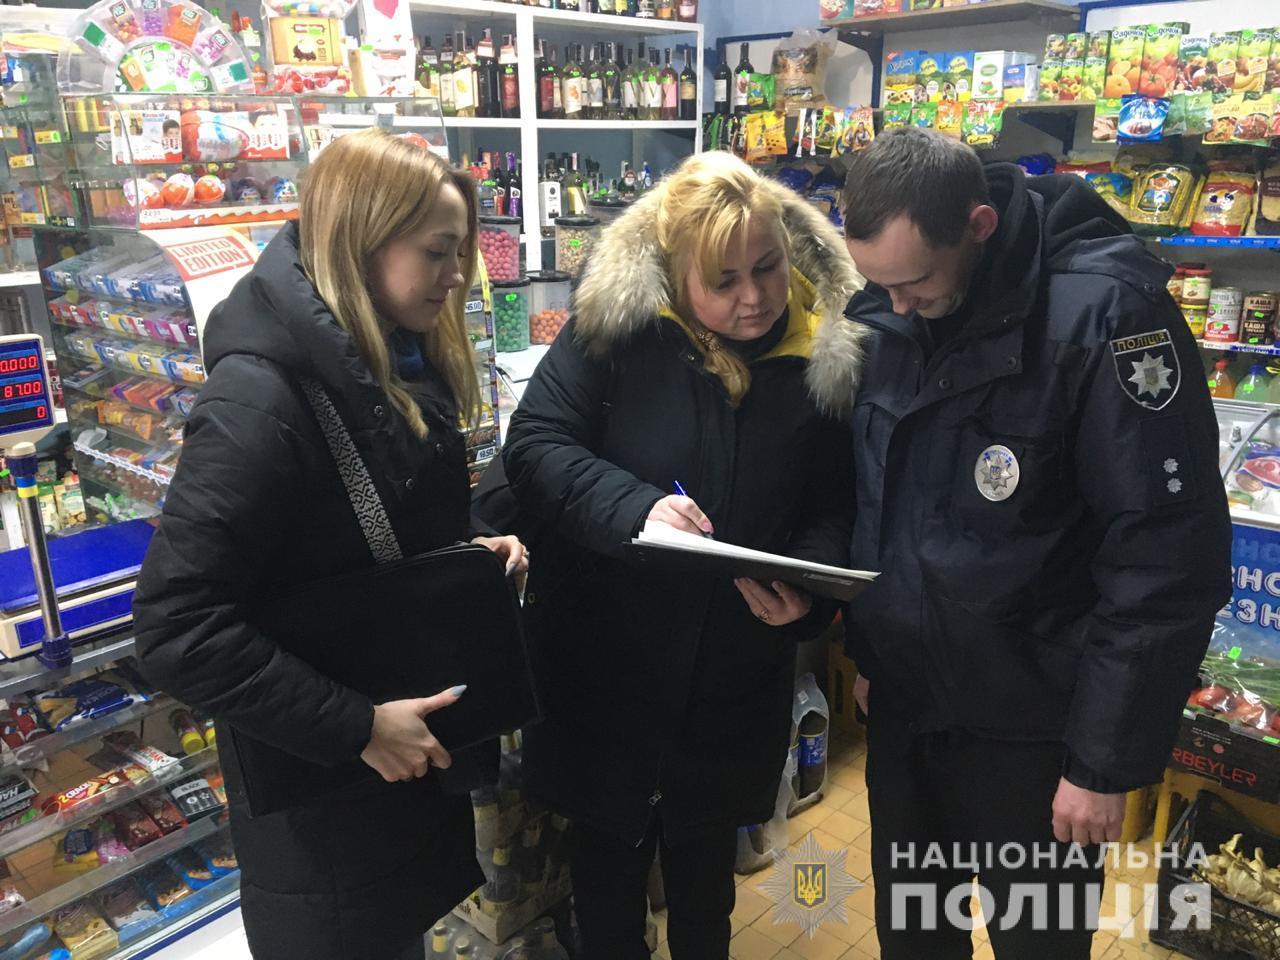 Три магазини Переяслава оштрафували за продаж алкоголю неповнолітнім -  - WhatsApp Image 2020 01 31 at 08.51.16